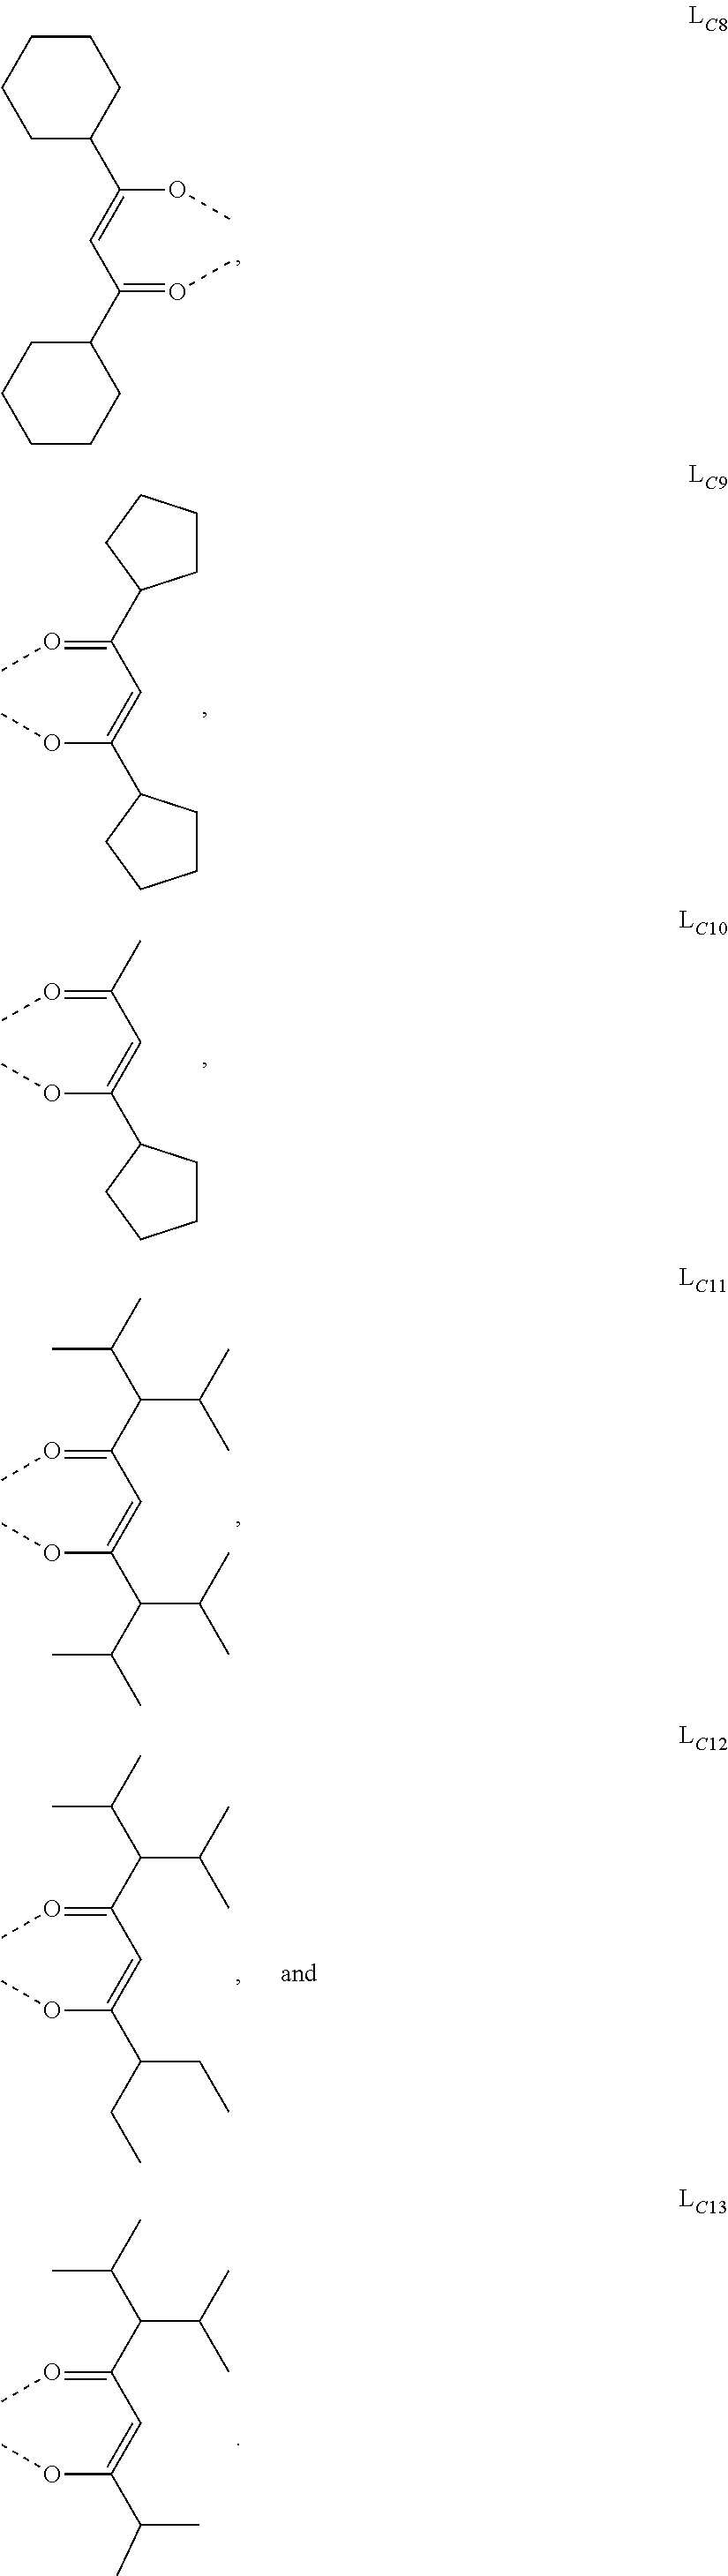 Figure US20170229663A1-20170810-C00078